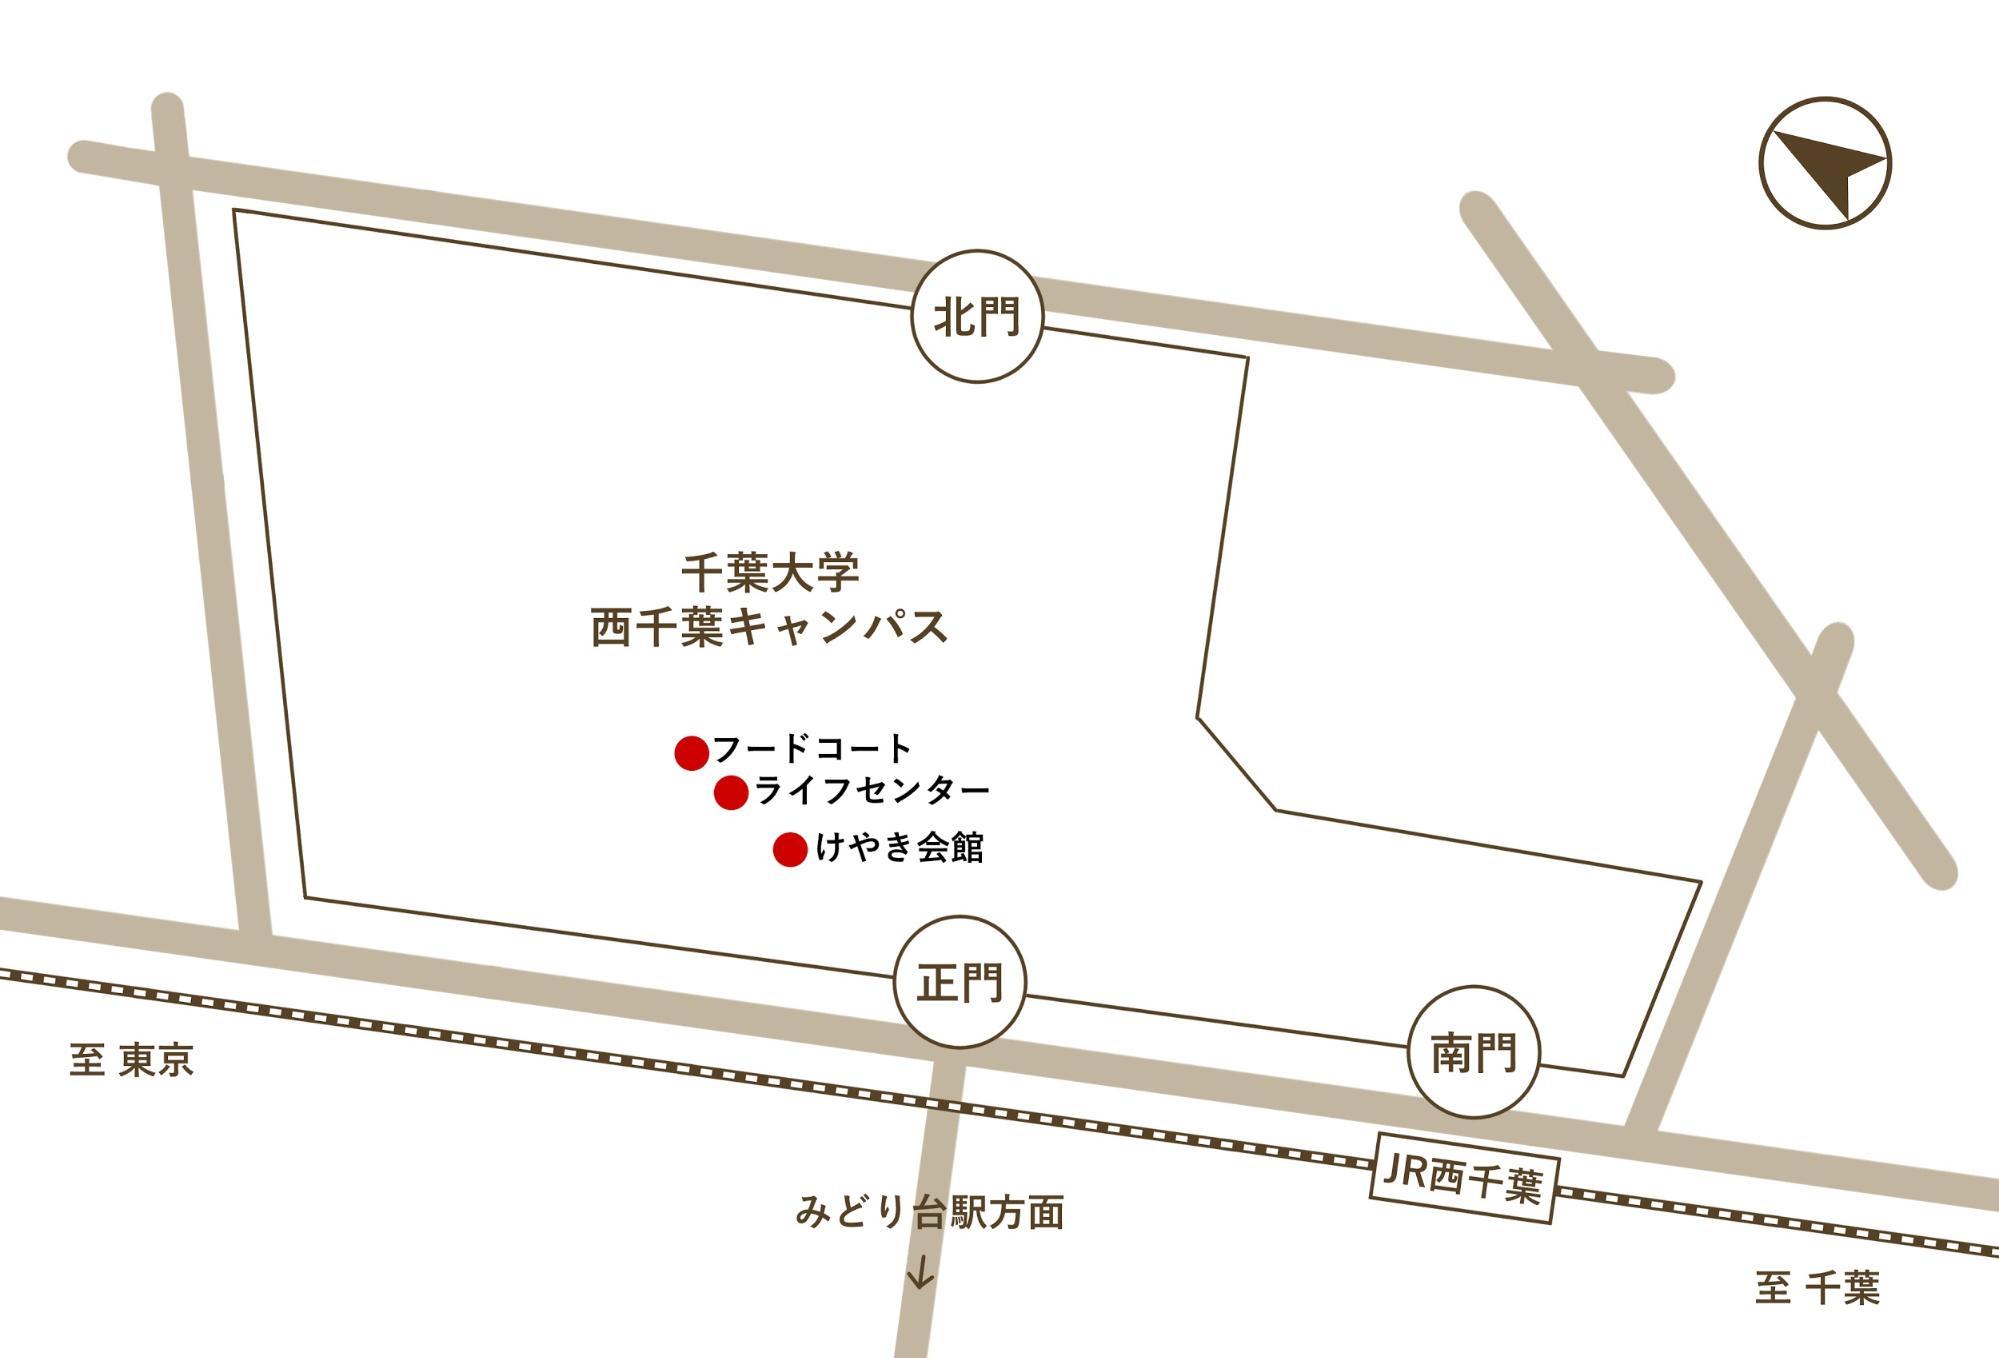 西千葉キャンパスイメージ画像